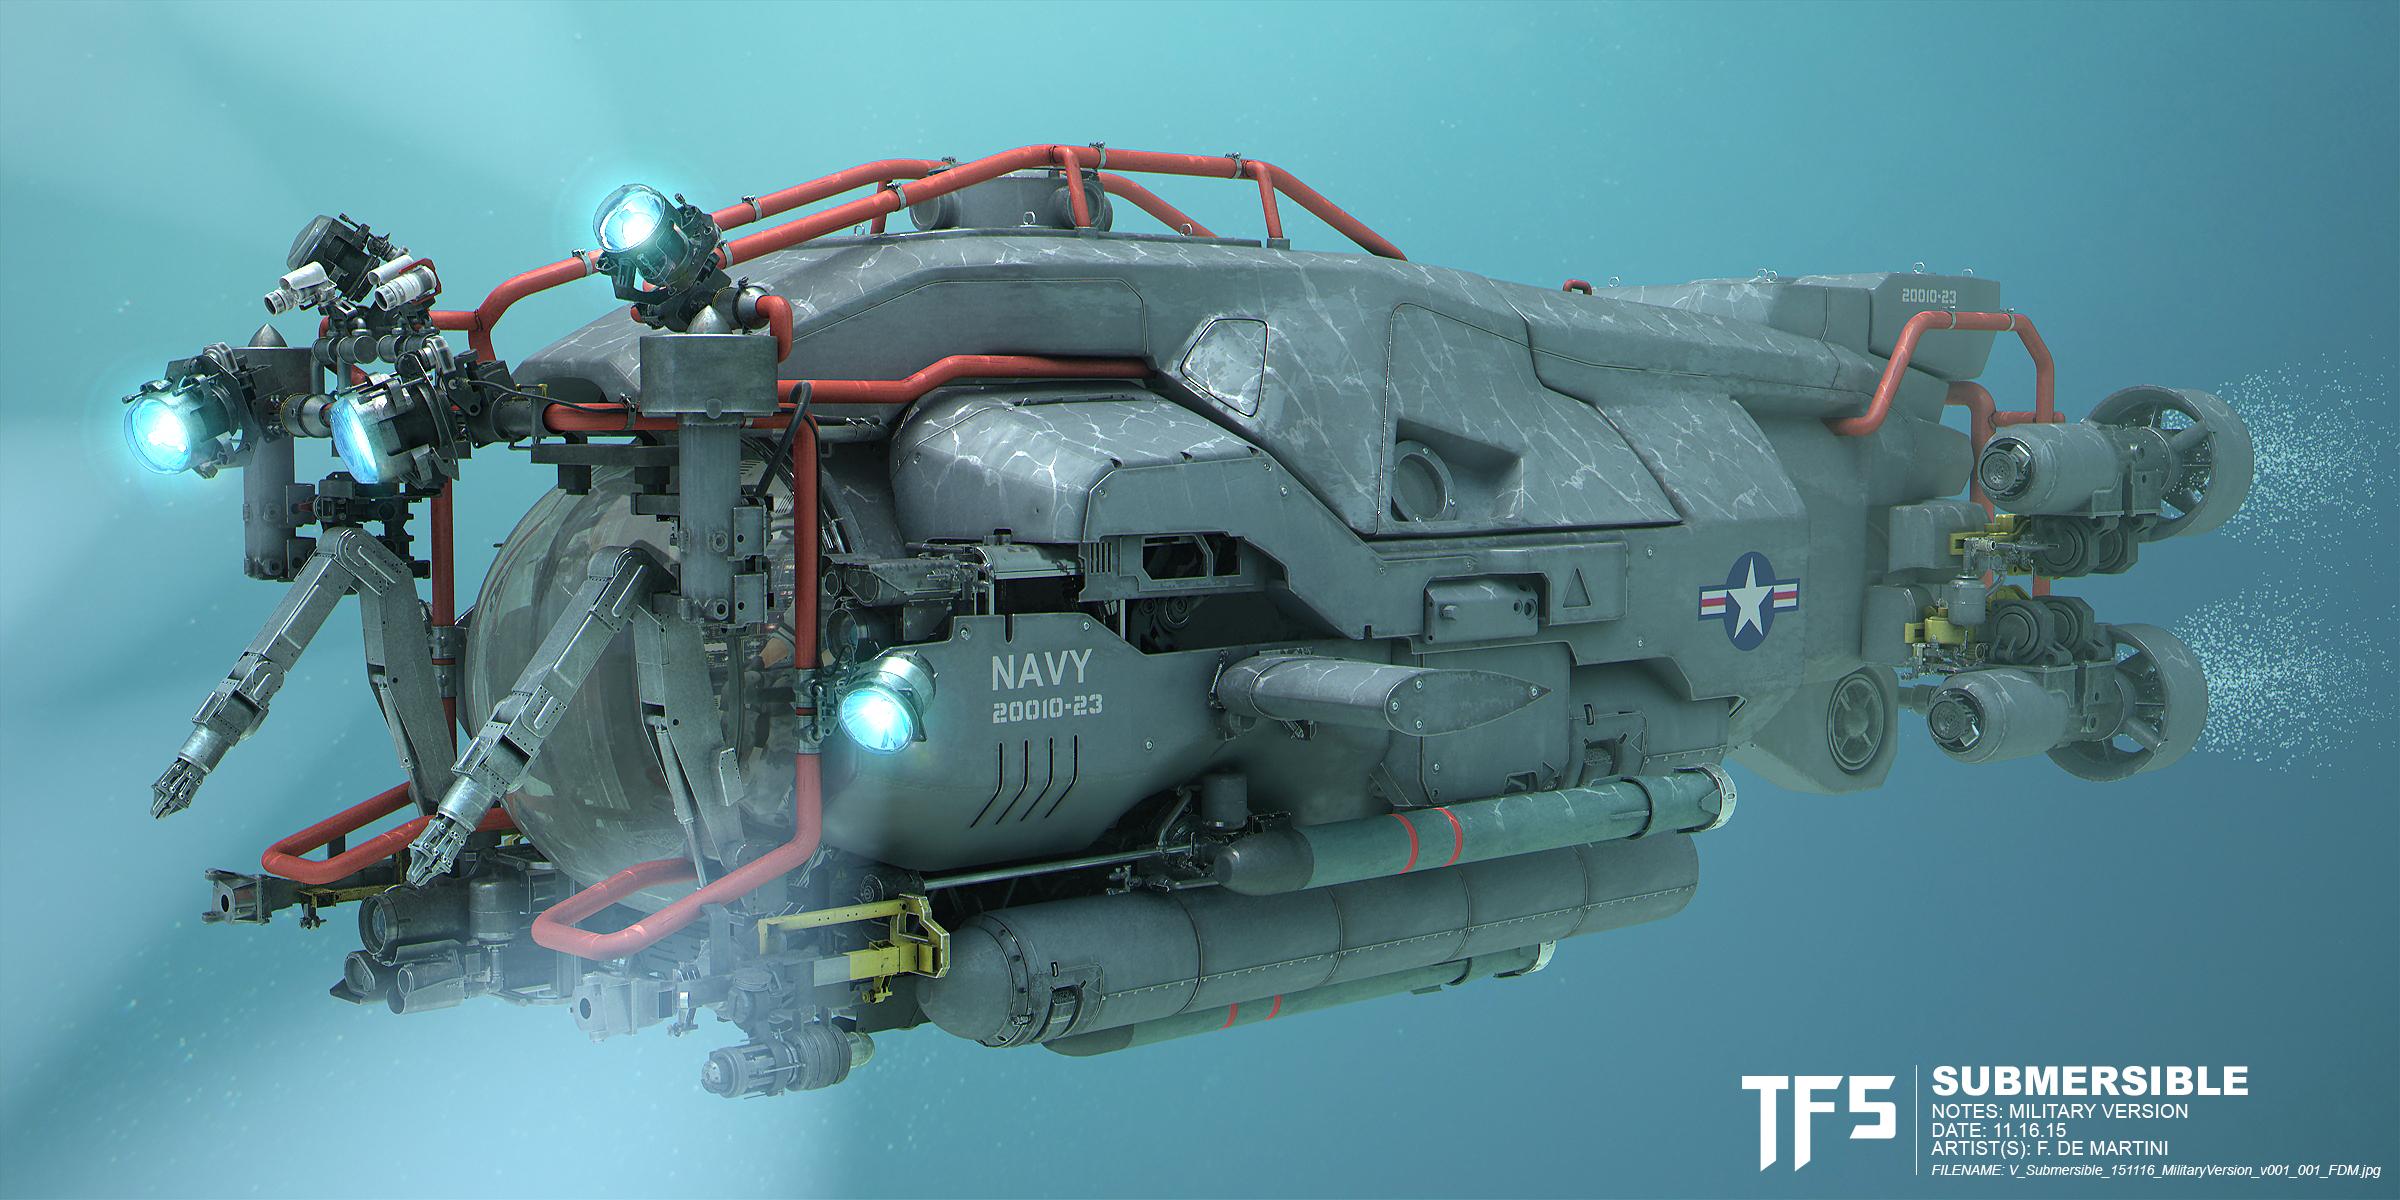 V_Submersible_151116_MilitaryVersion_v001_001_FDM.jpg